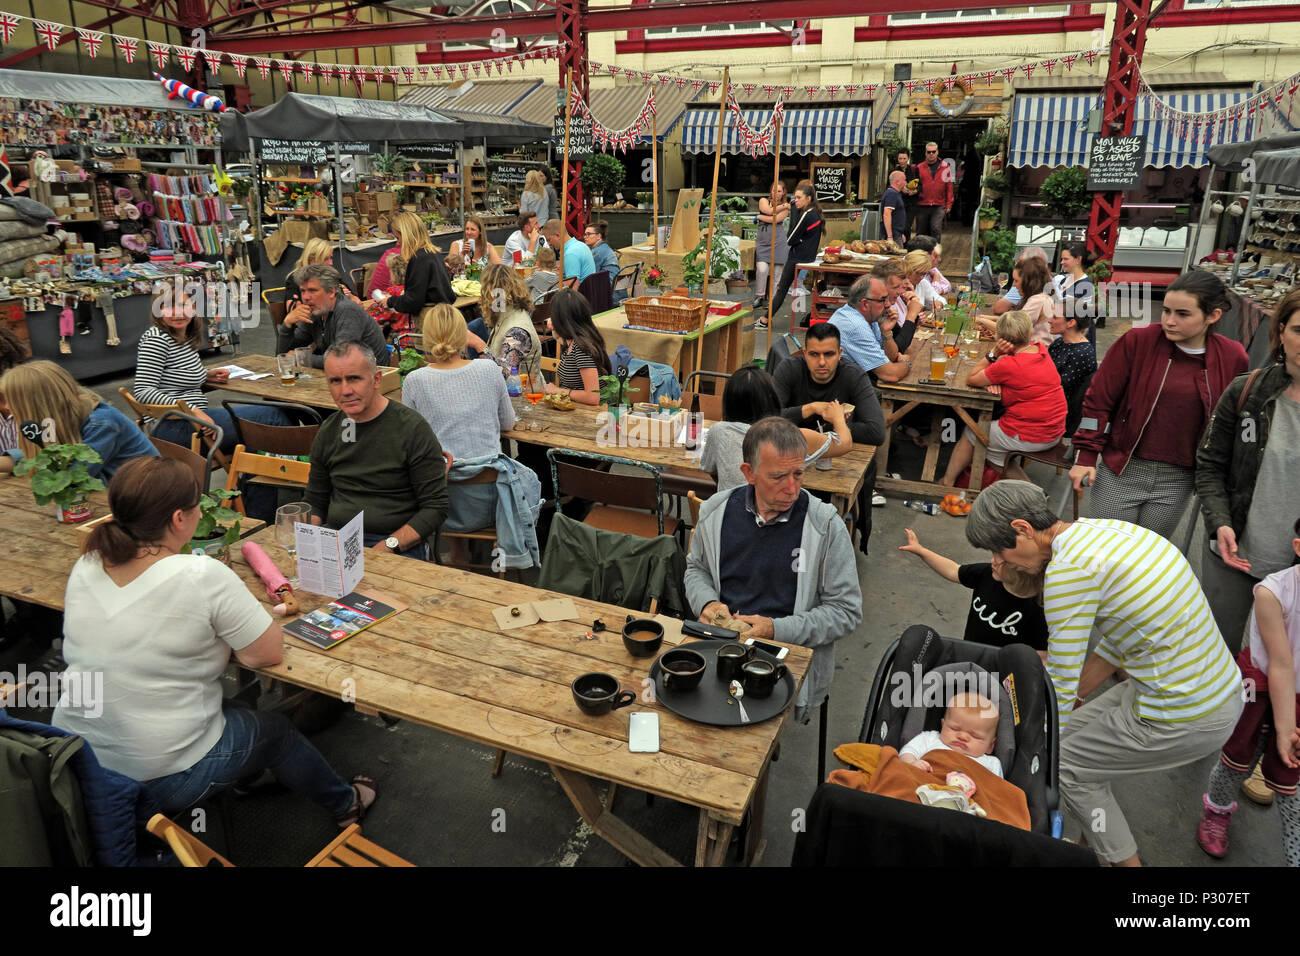 Laden Sie dieses Alamy Stockfoto Altrincham erfolgreichen Retail Town Market (ähnlich Borough Market), Trafford Rat, Greater Manchester, North West England, Großbritannien - P307ET